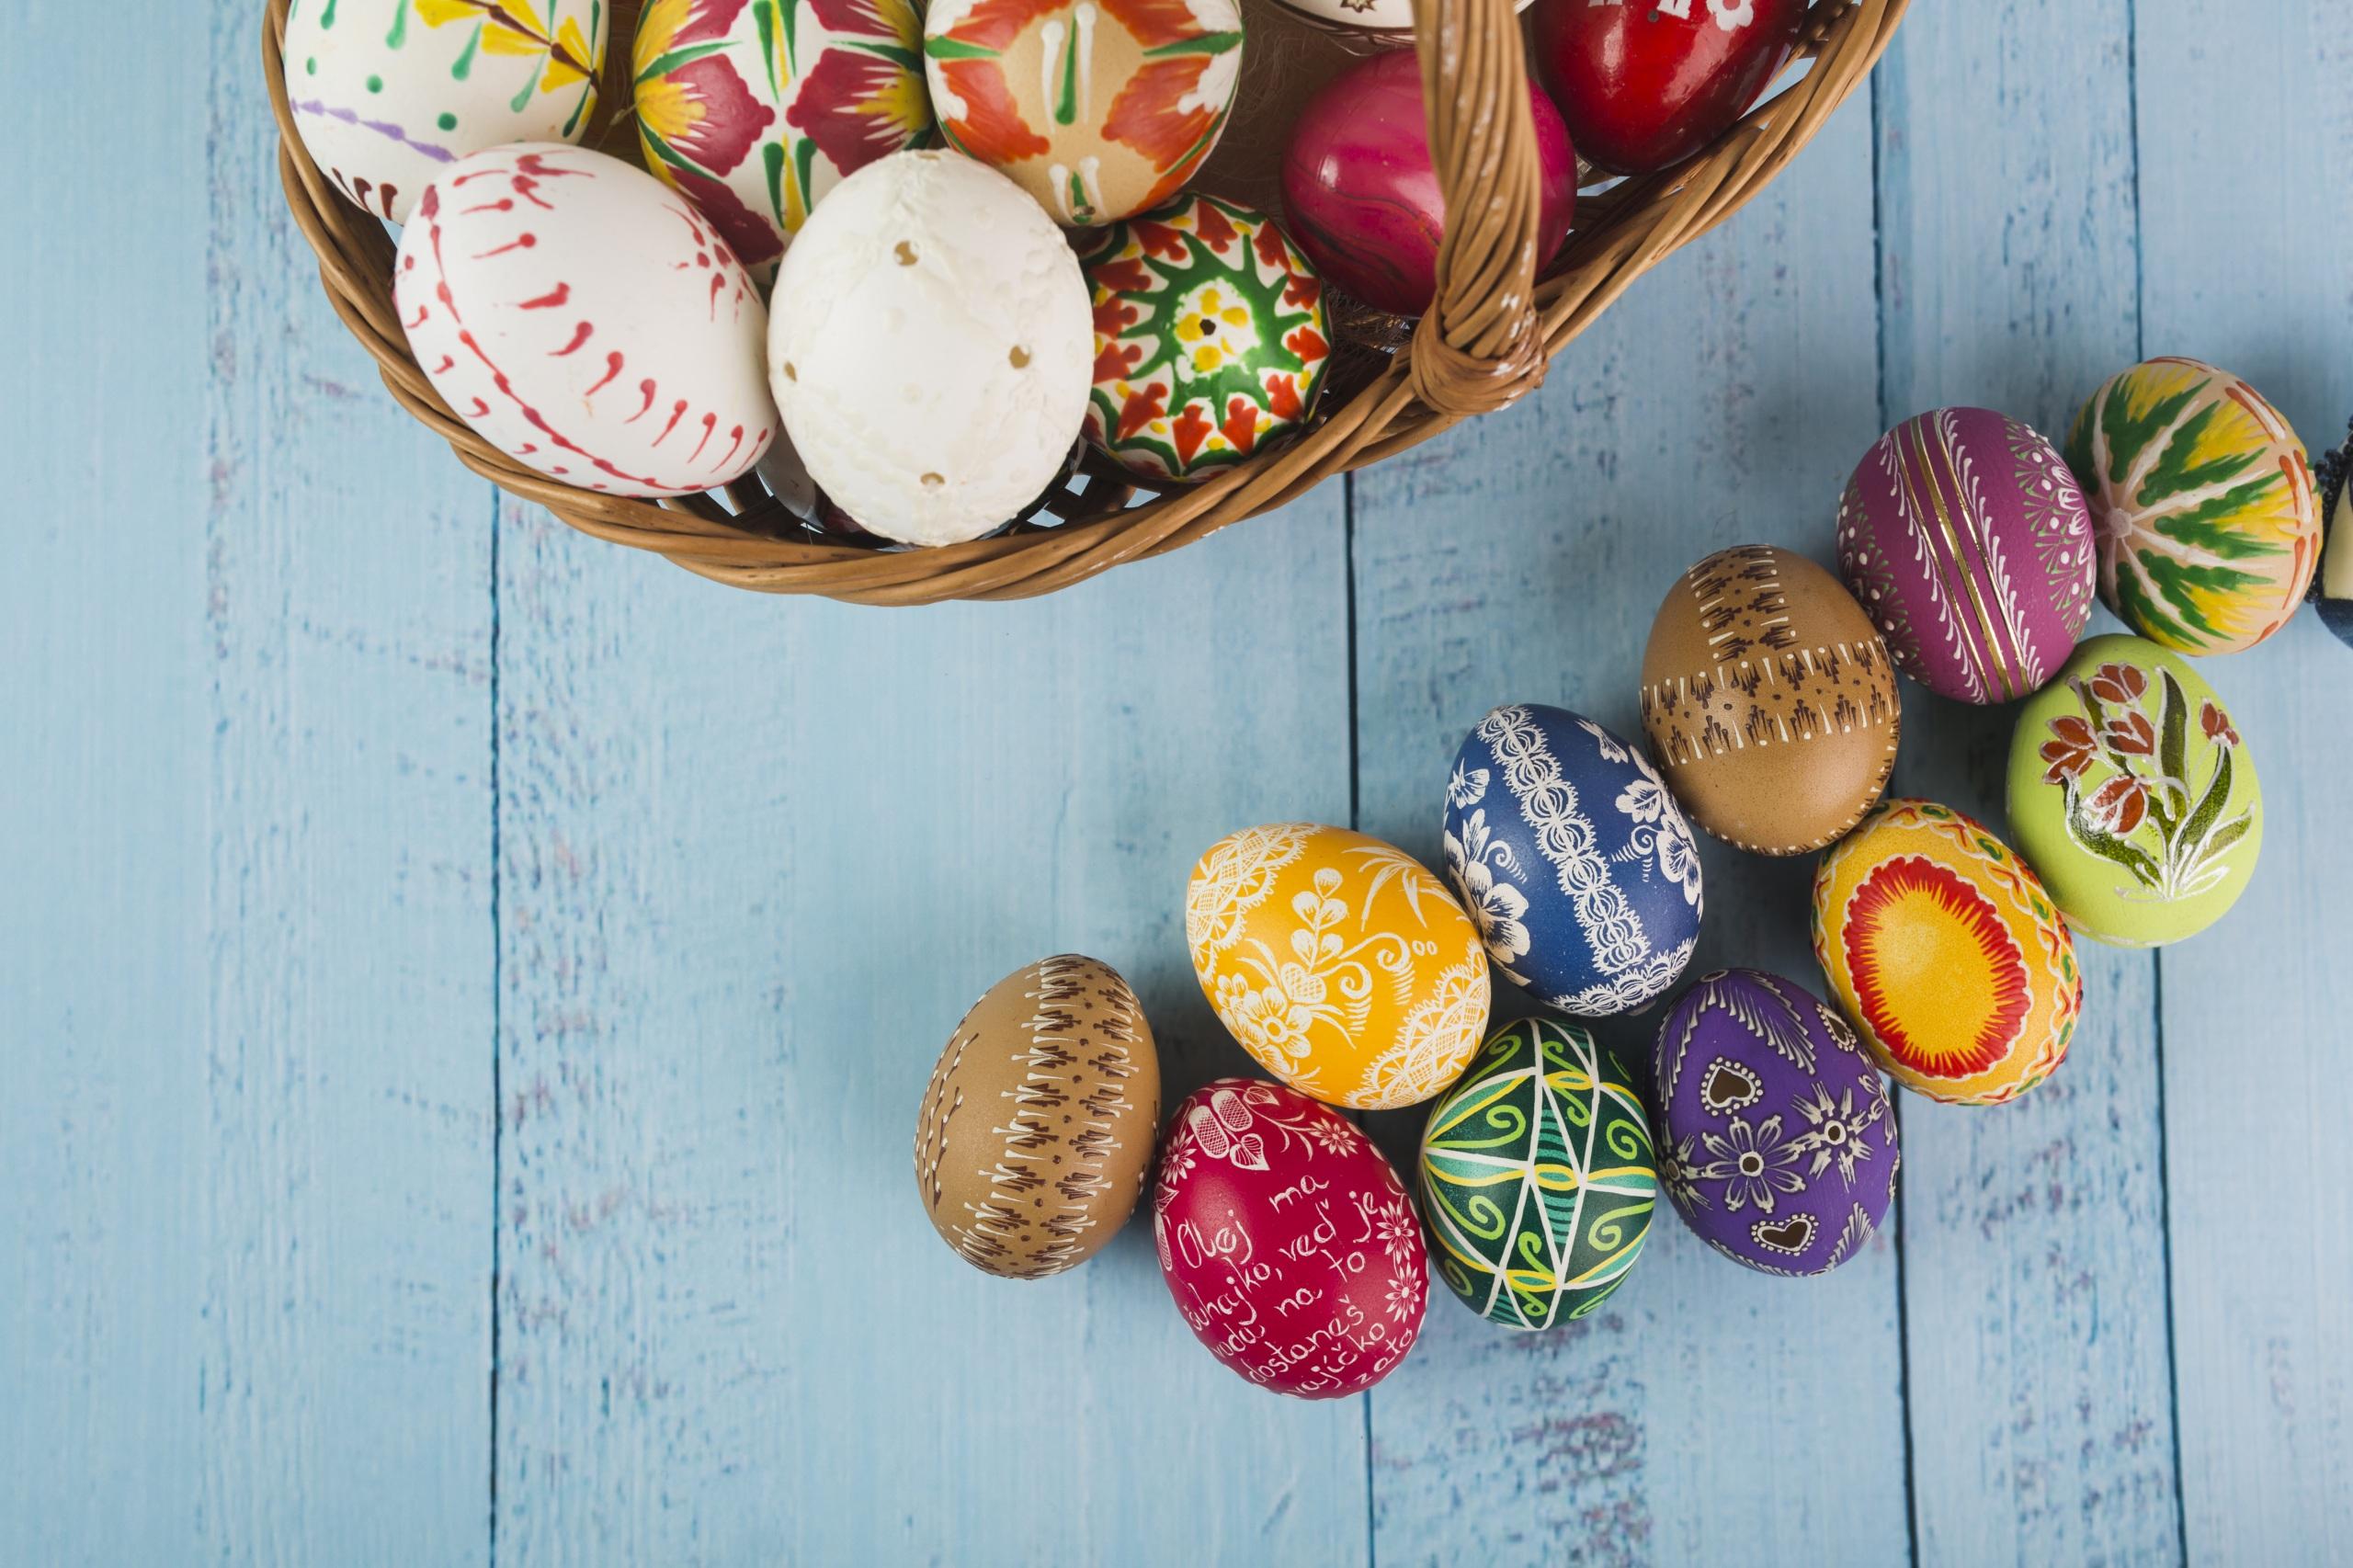 Картинки Пасха яйцами Доски Дизайн 2560x1706 яиц Яйца яйцо дизайна